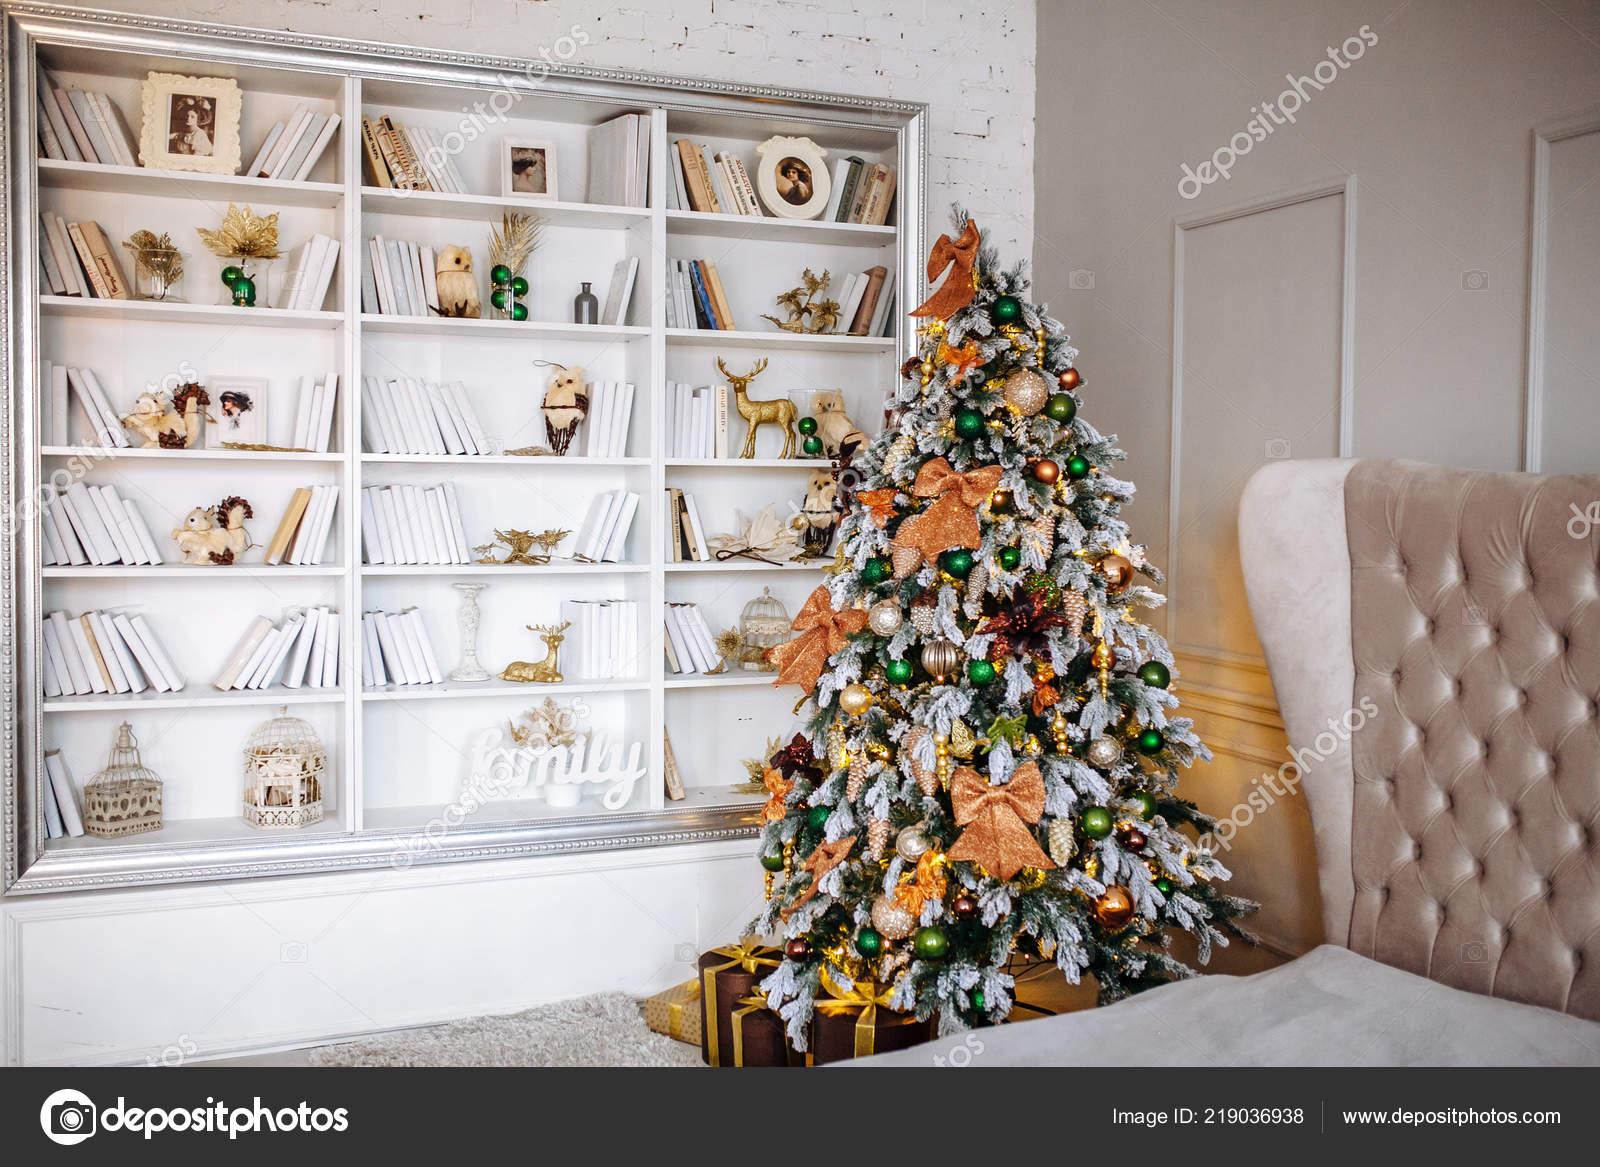 Camera Letto Decorata Natale Interno Casa Accogliente Decorazione